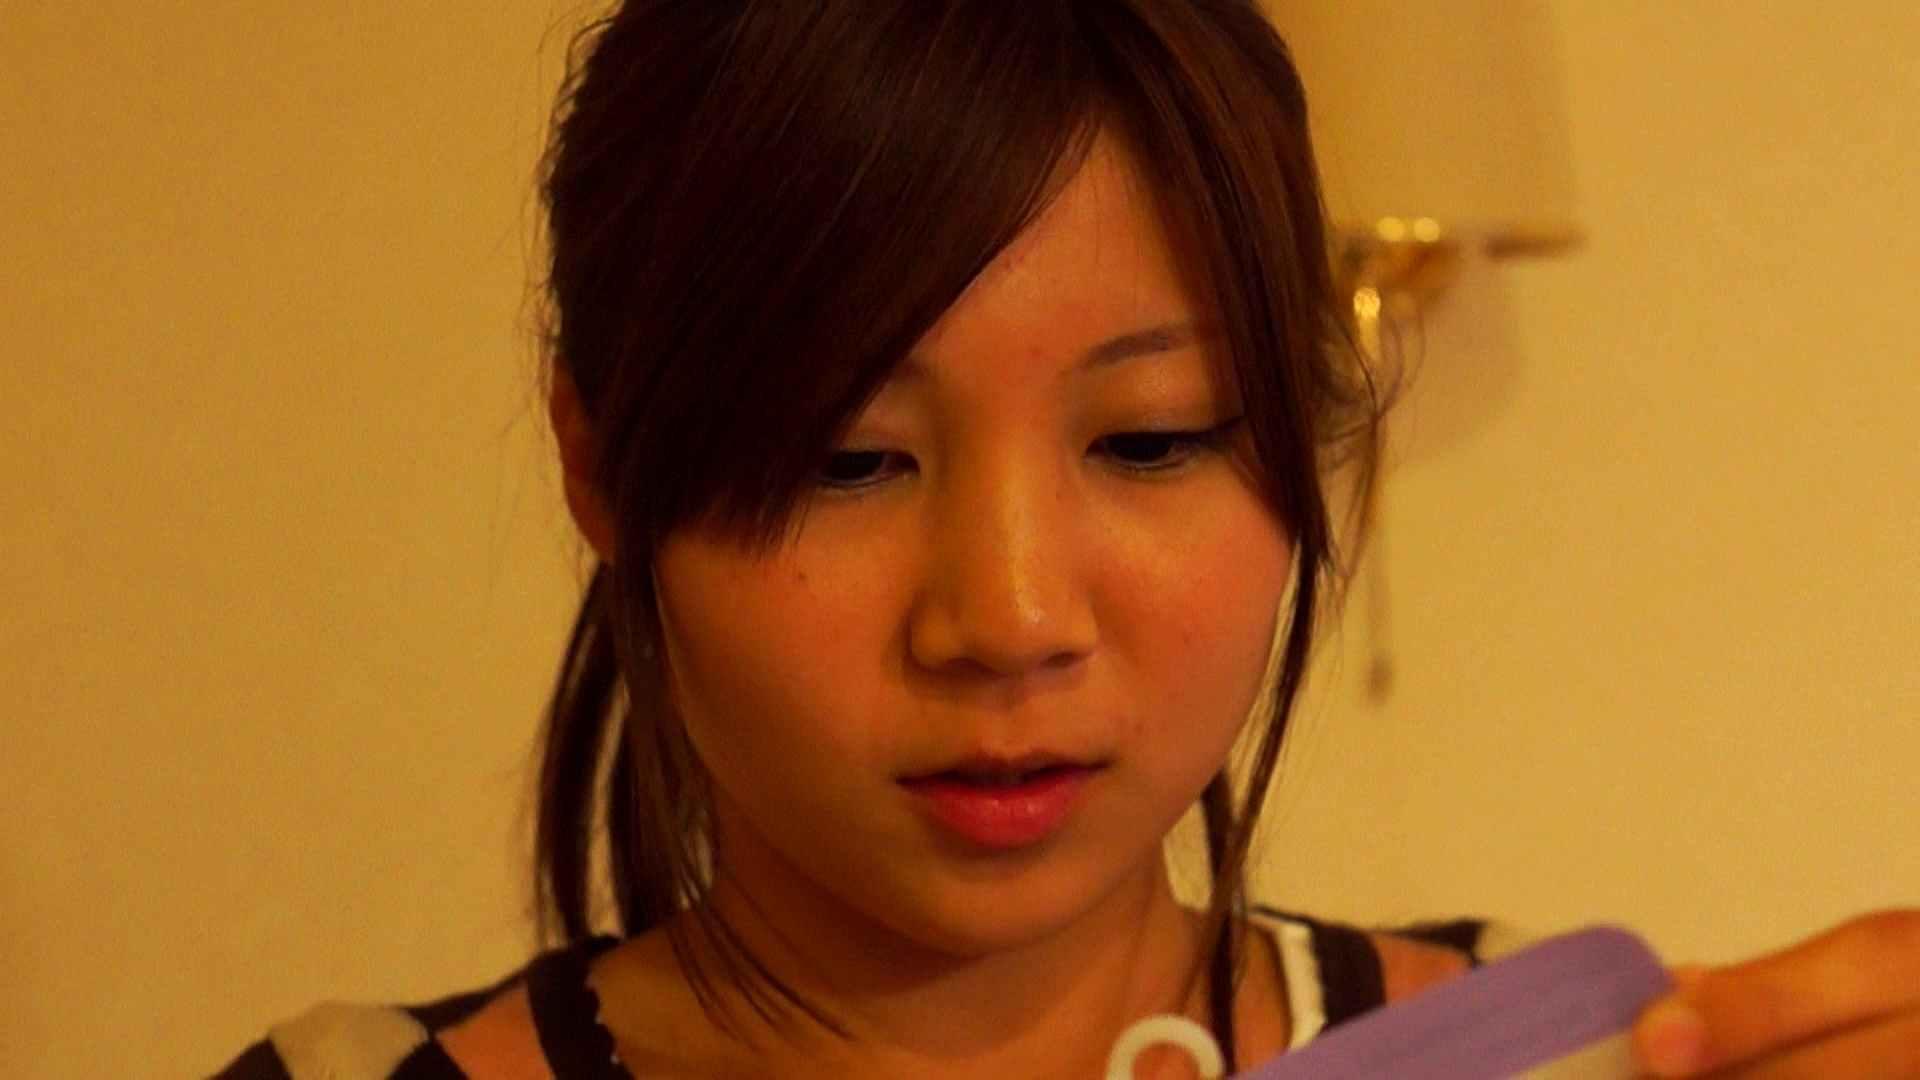 vol.11 瑞希ちゃんのパンチラサービス チラ歓迎 アダルト動画キャプチャ 101pic 32